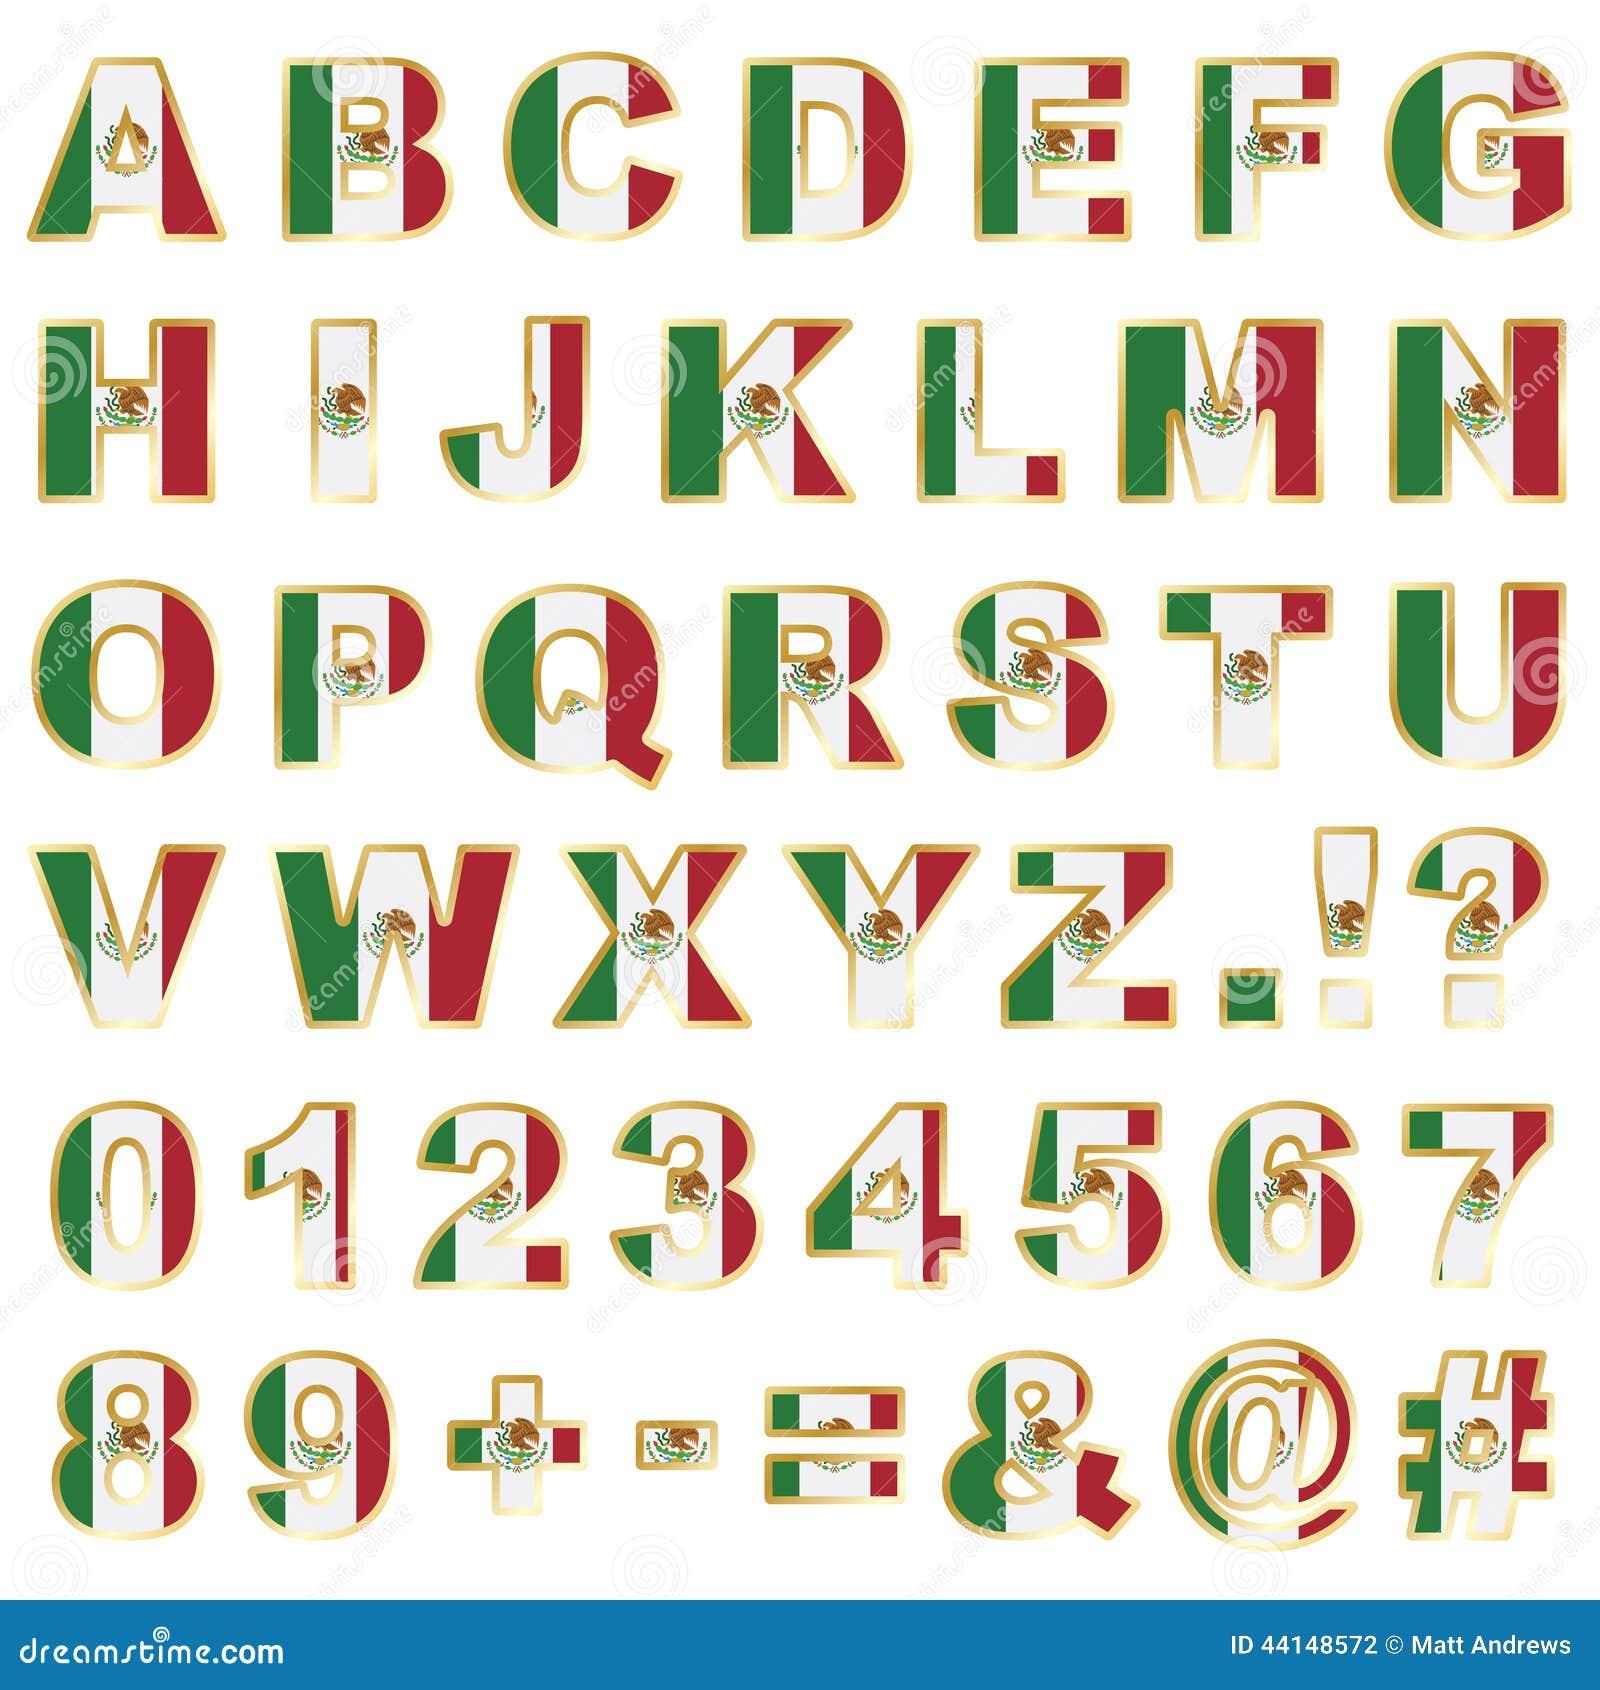 Alphabet Letters Vides